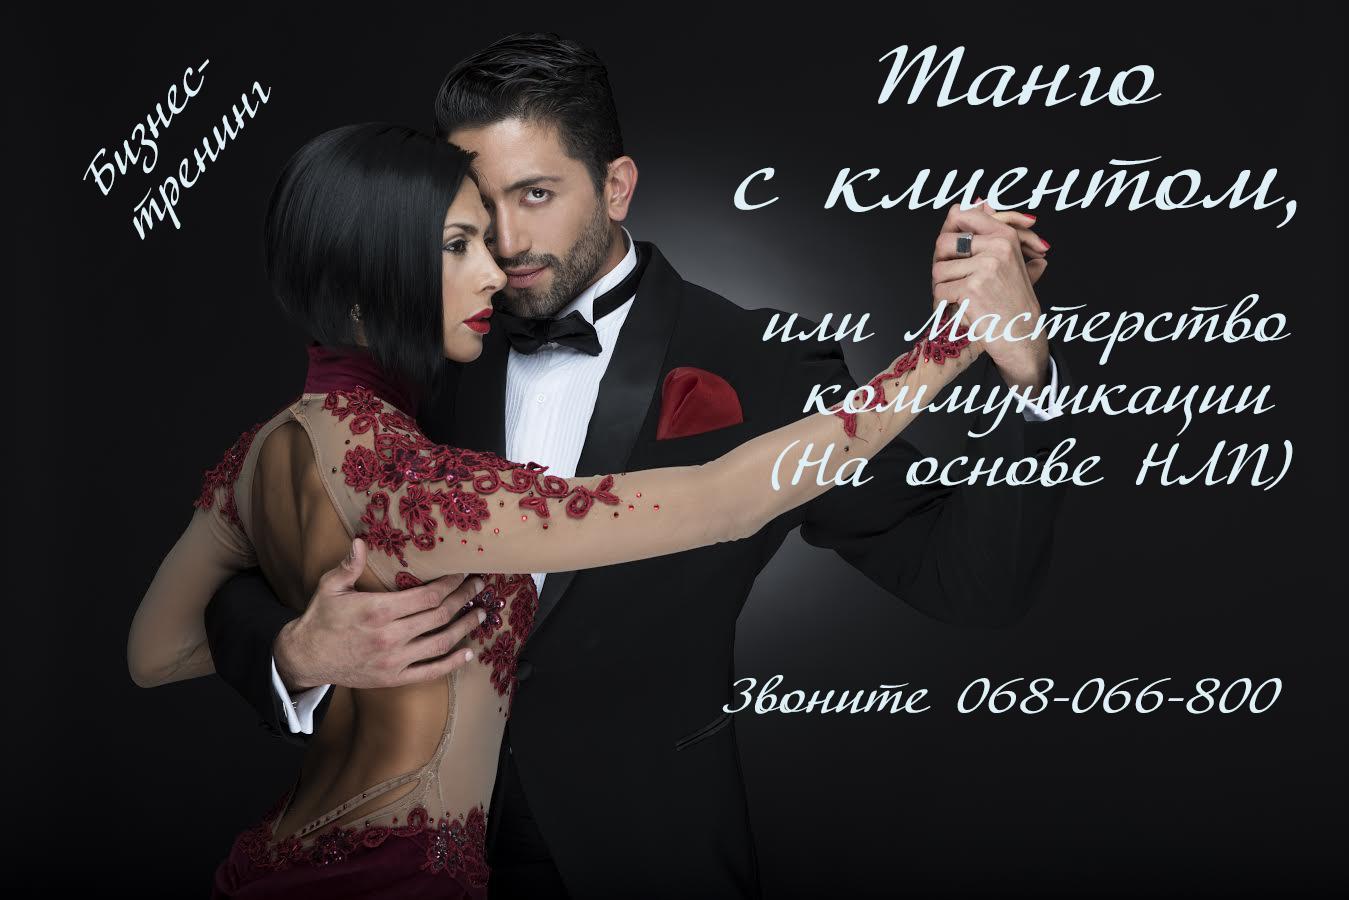 Танго с клиентом или как понравиться Клиенту?